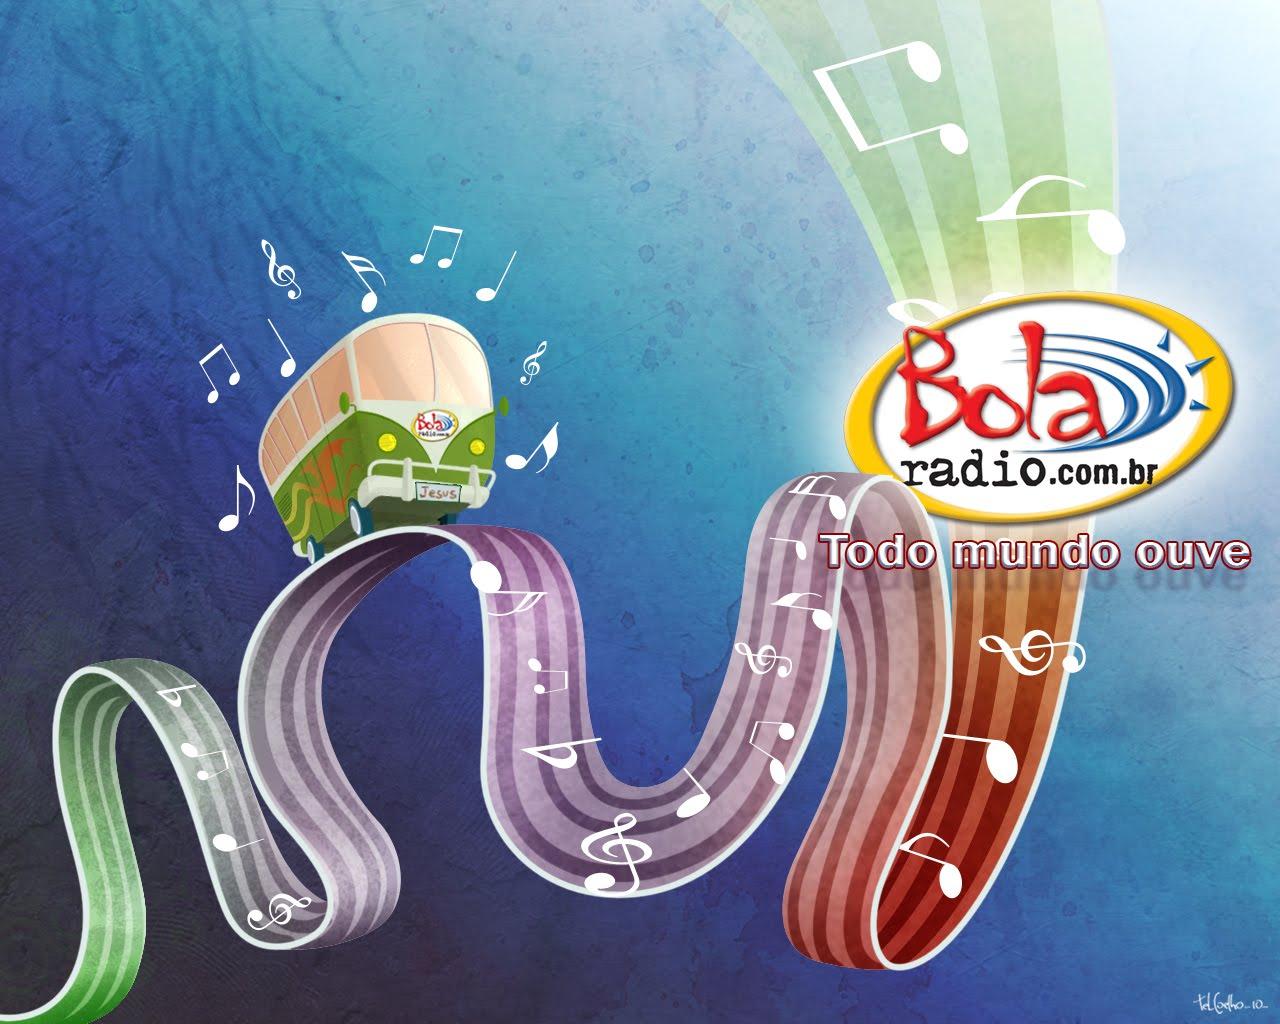 Tel Coelho: Some works!!!! BOLA RADIO